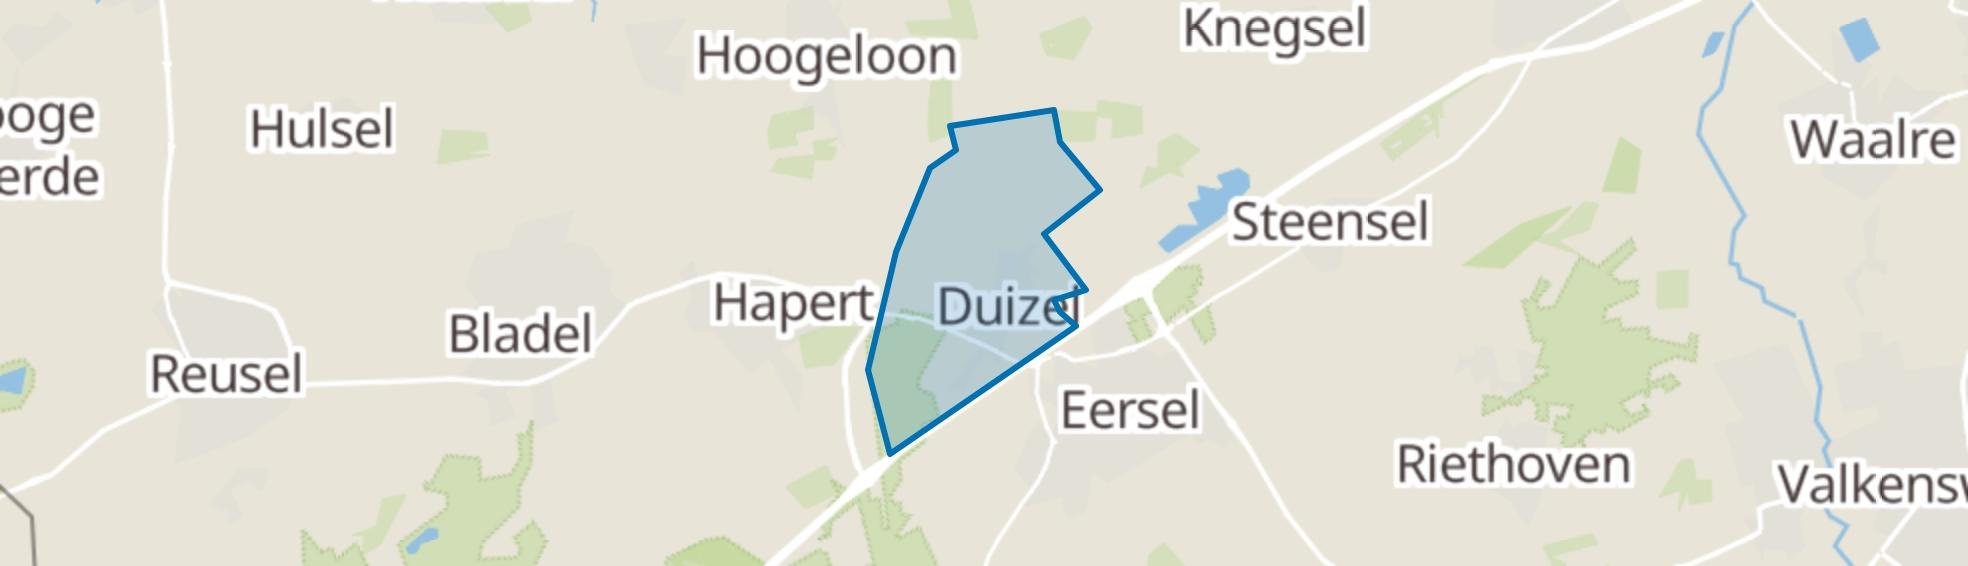 Duizel map